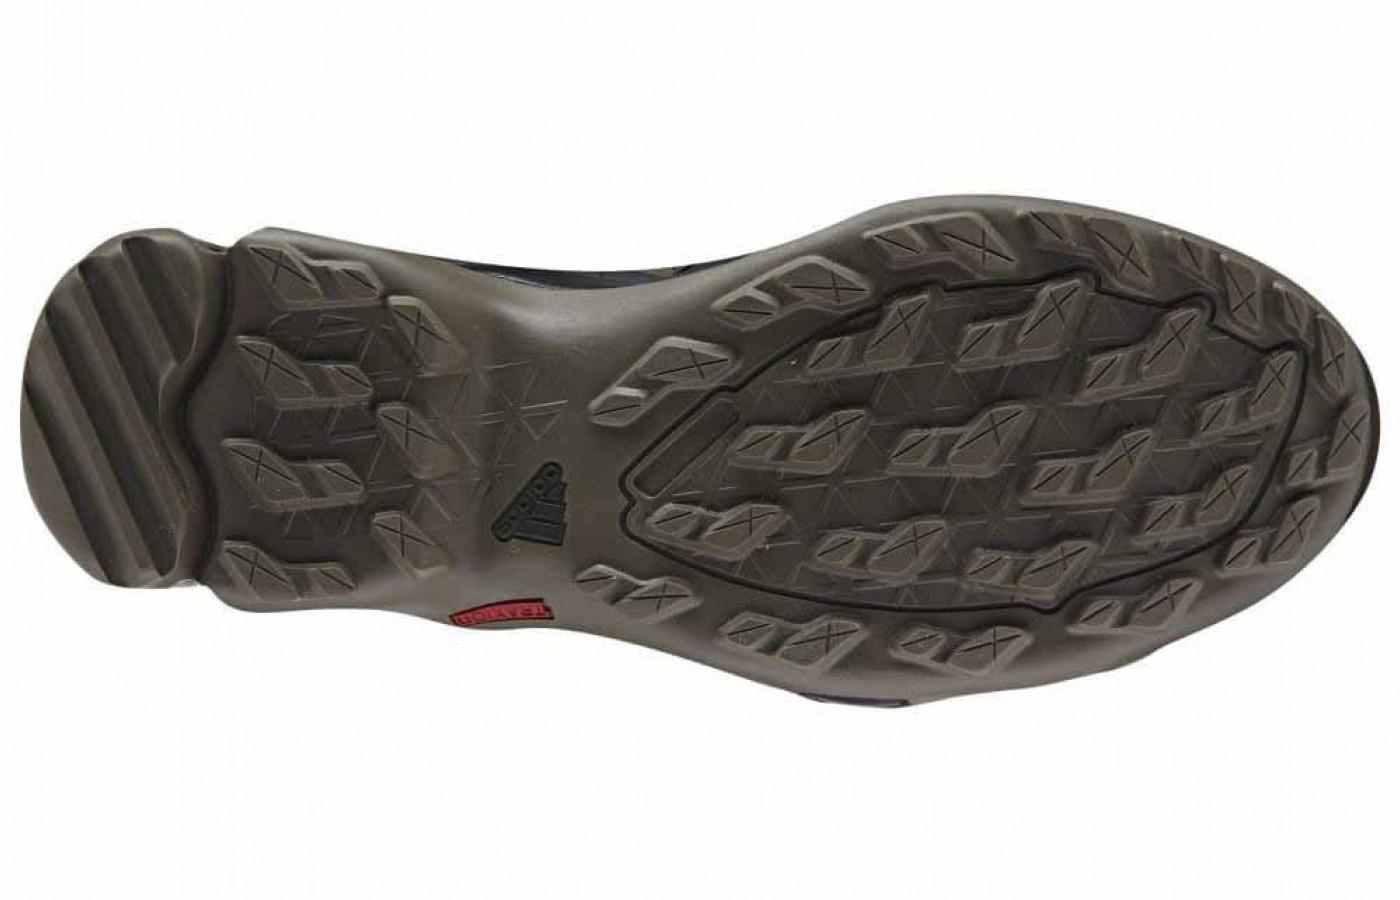 Adidas Terrix Swift R GTX sole